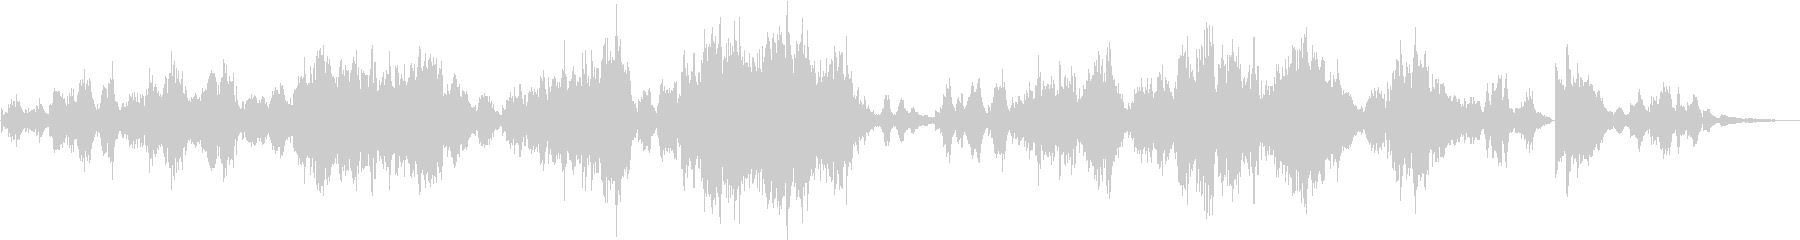 タイスの瞑想曲/ゆったりとした生演奏の未再生の波形